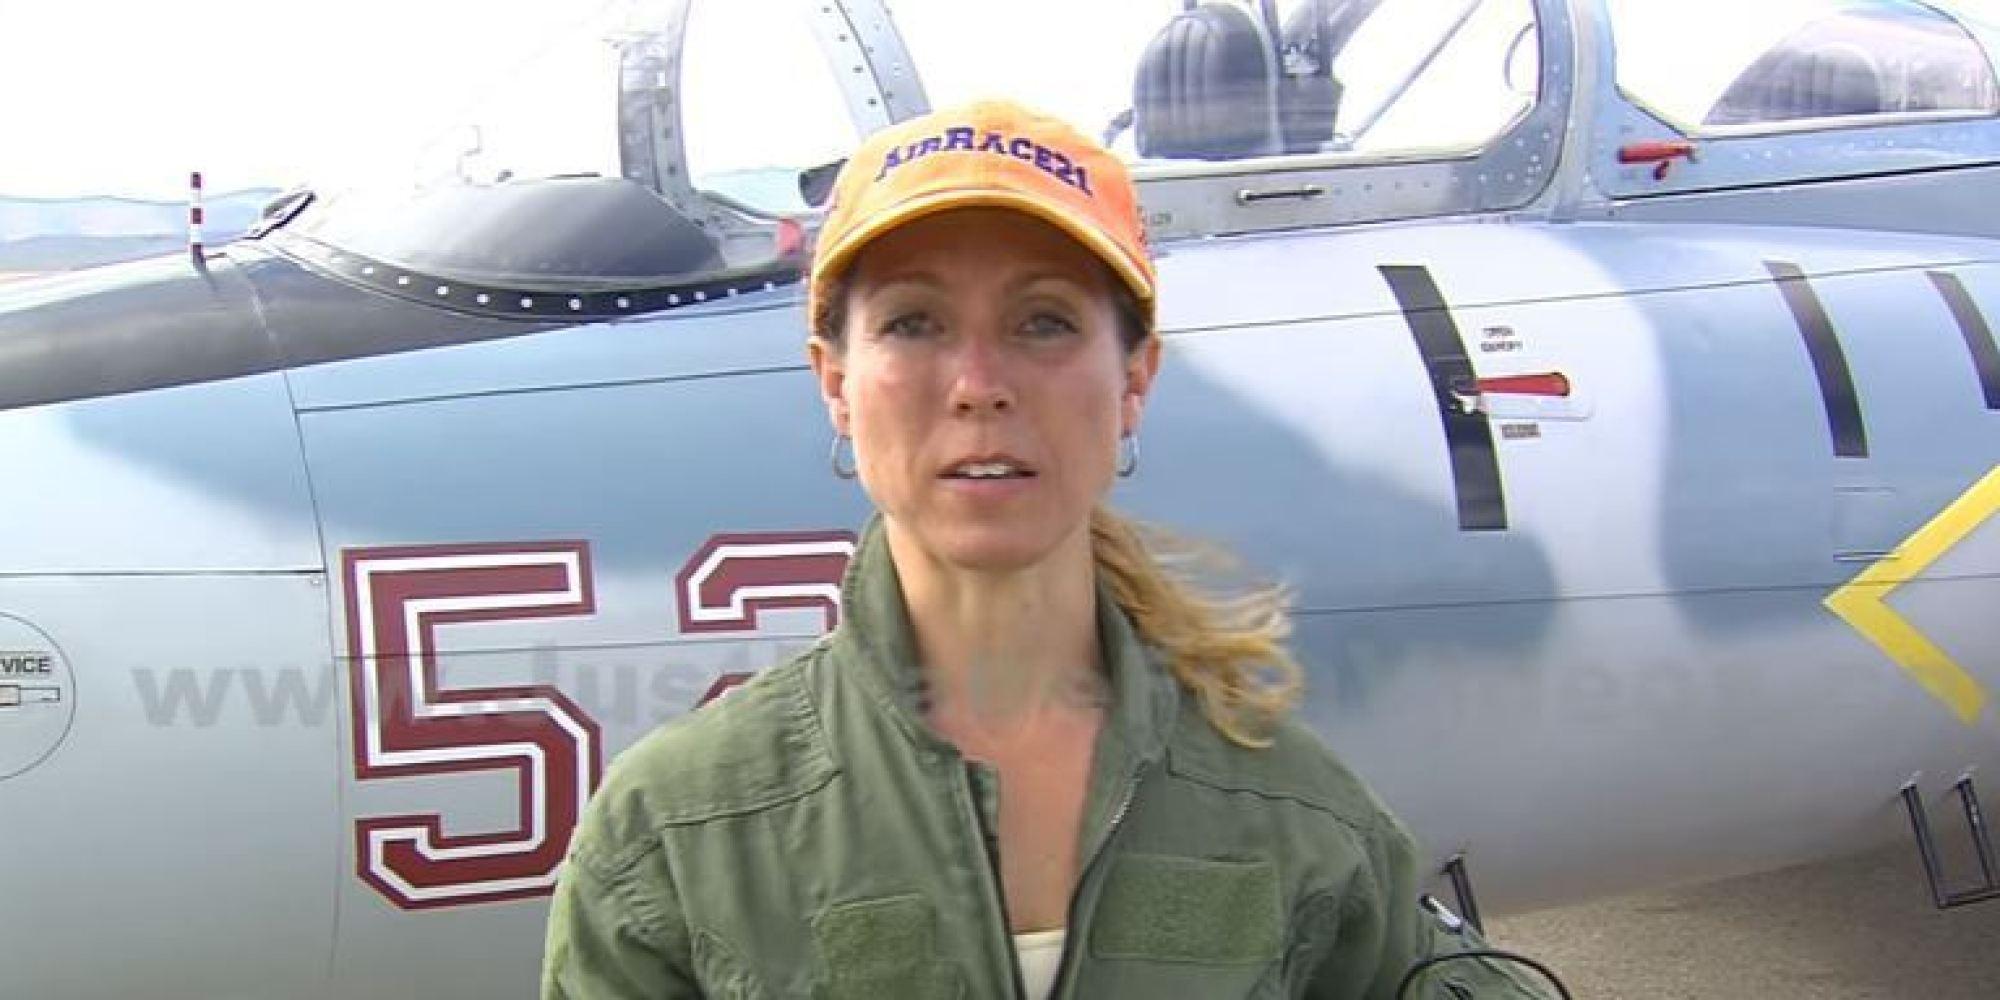 Penney e Sasseville planejavam empurrar a aeronave com seus F-16